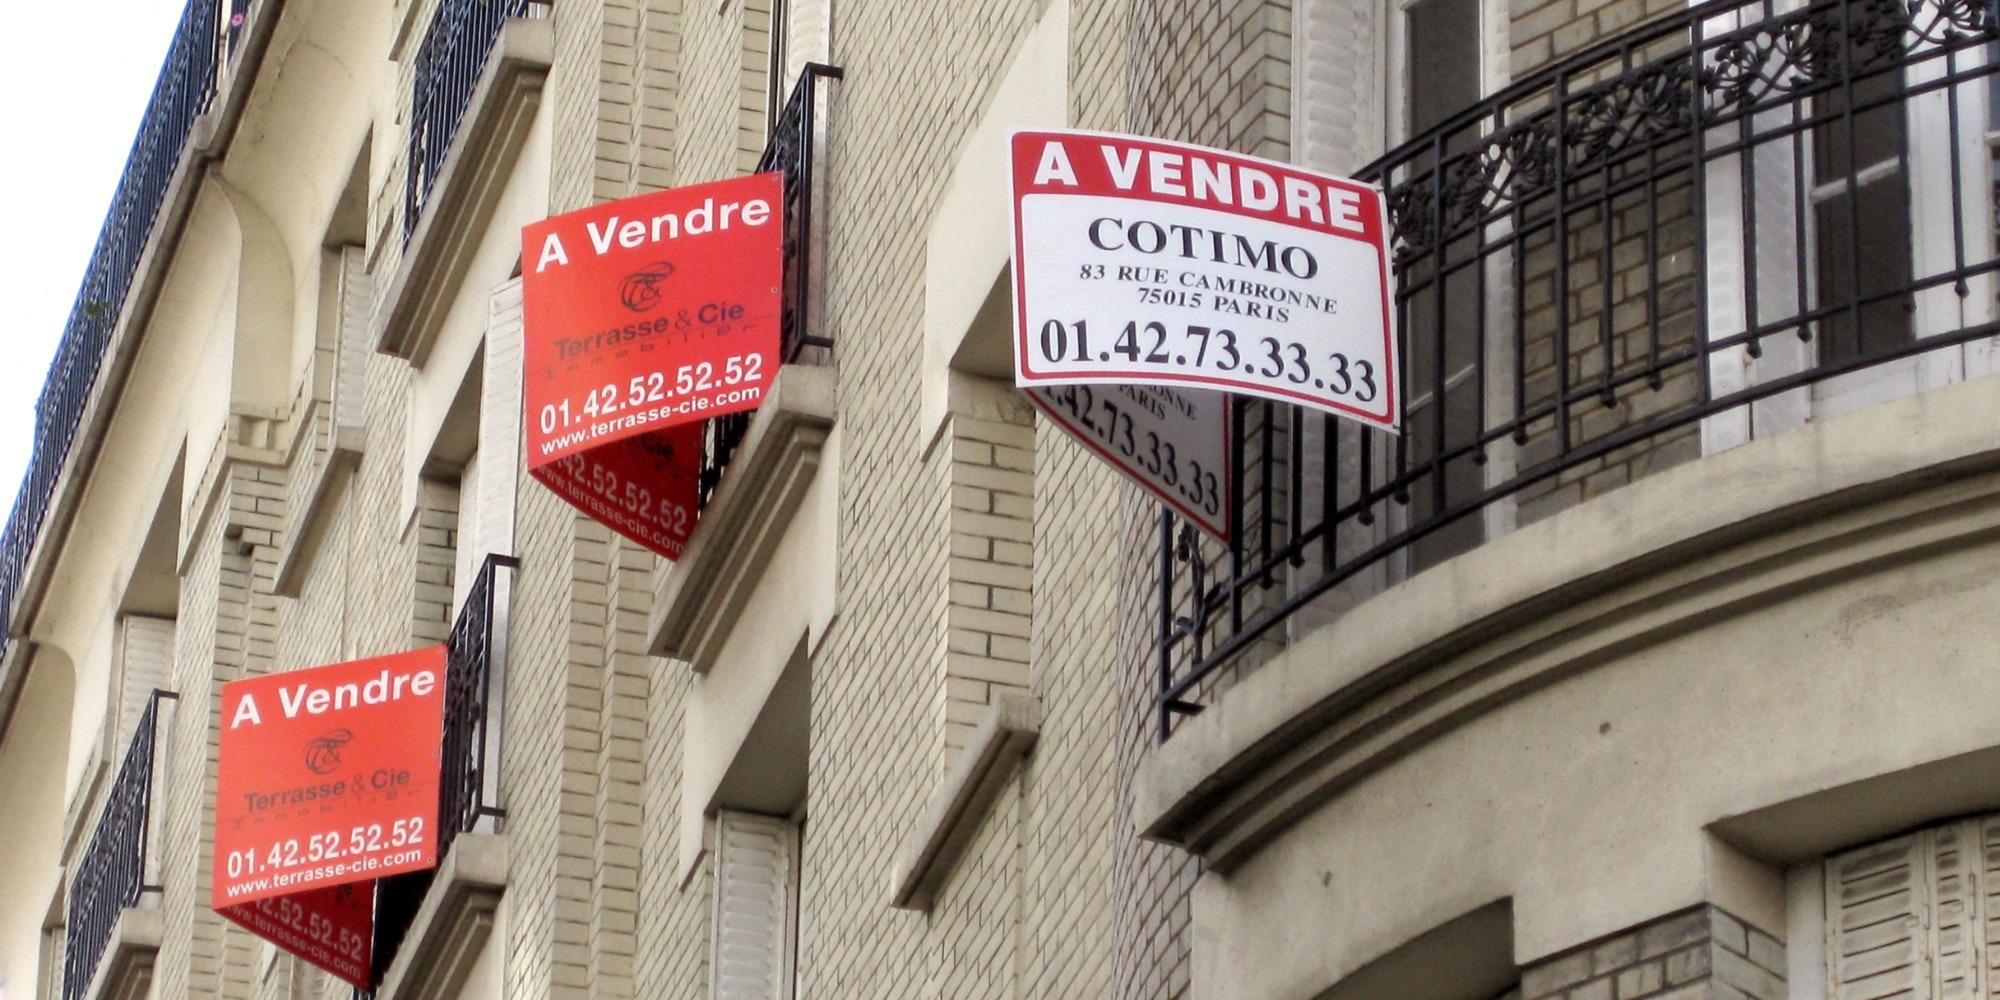 Immobilier : les villes moyennes très prisées après l'épidémie de Covid